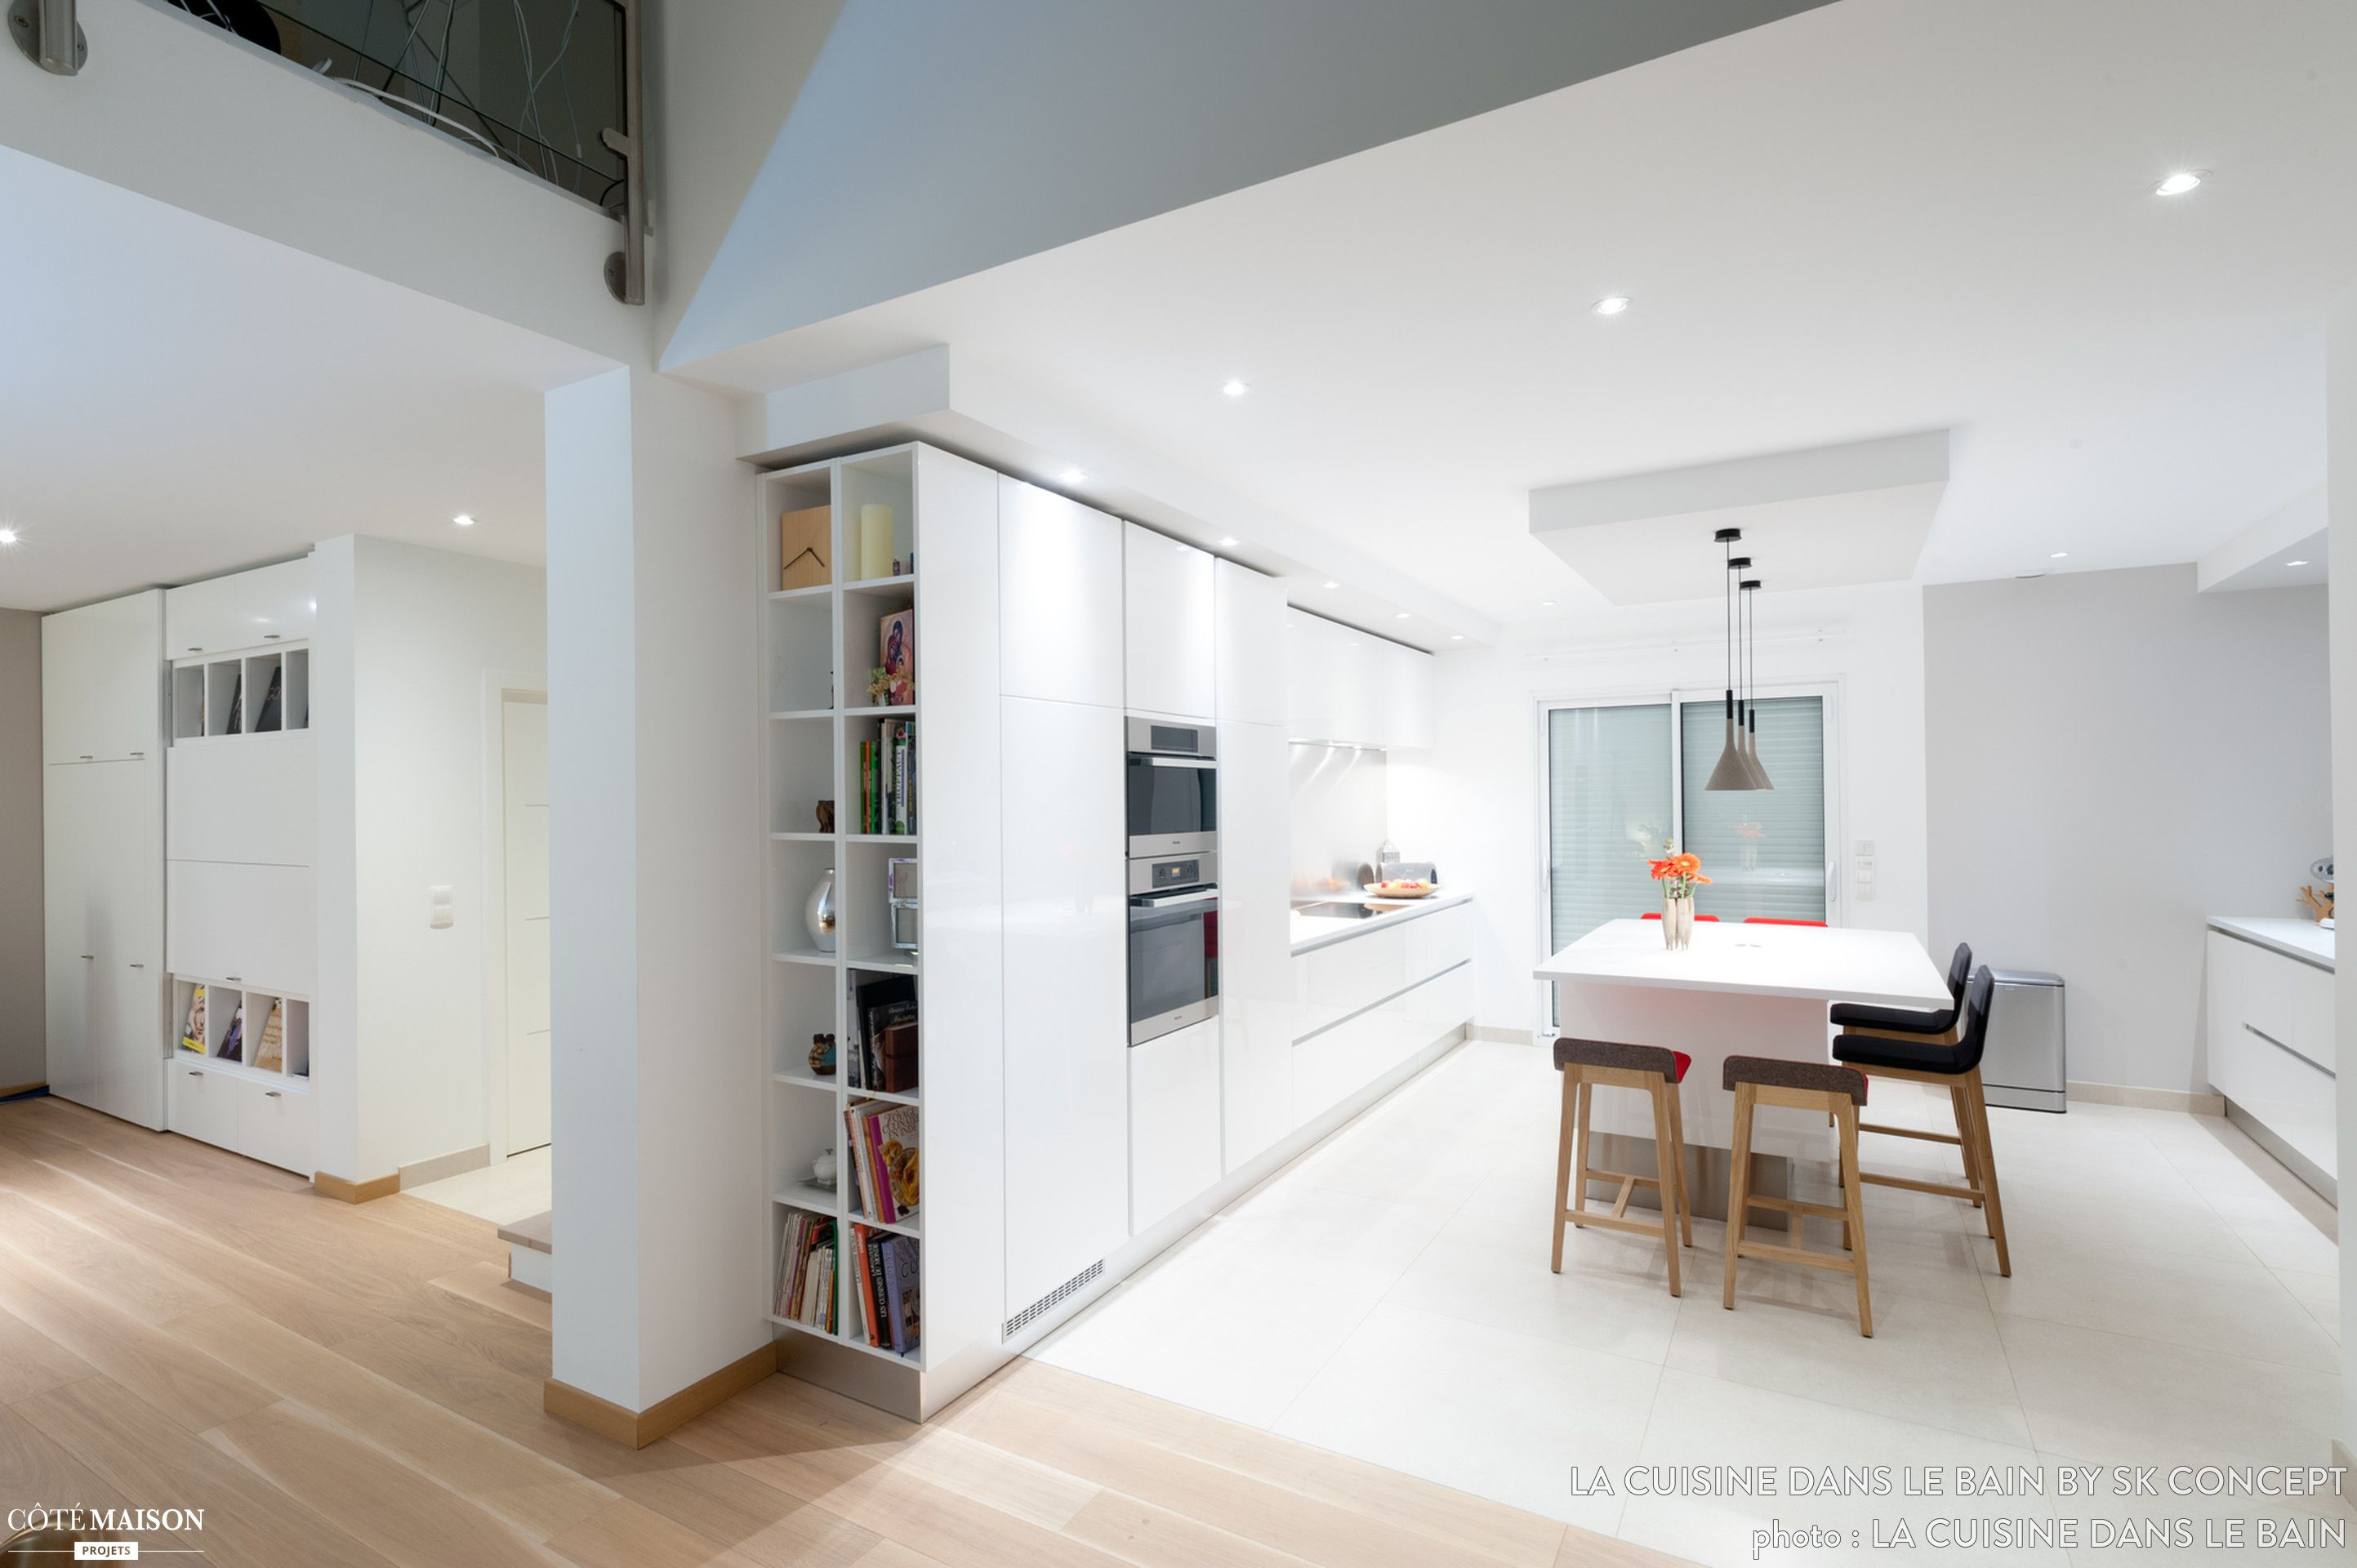 Aménagement Du0027une Maison Moderne Et Design : Cuisine, Salon, Salle De Douche